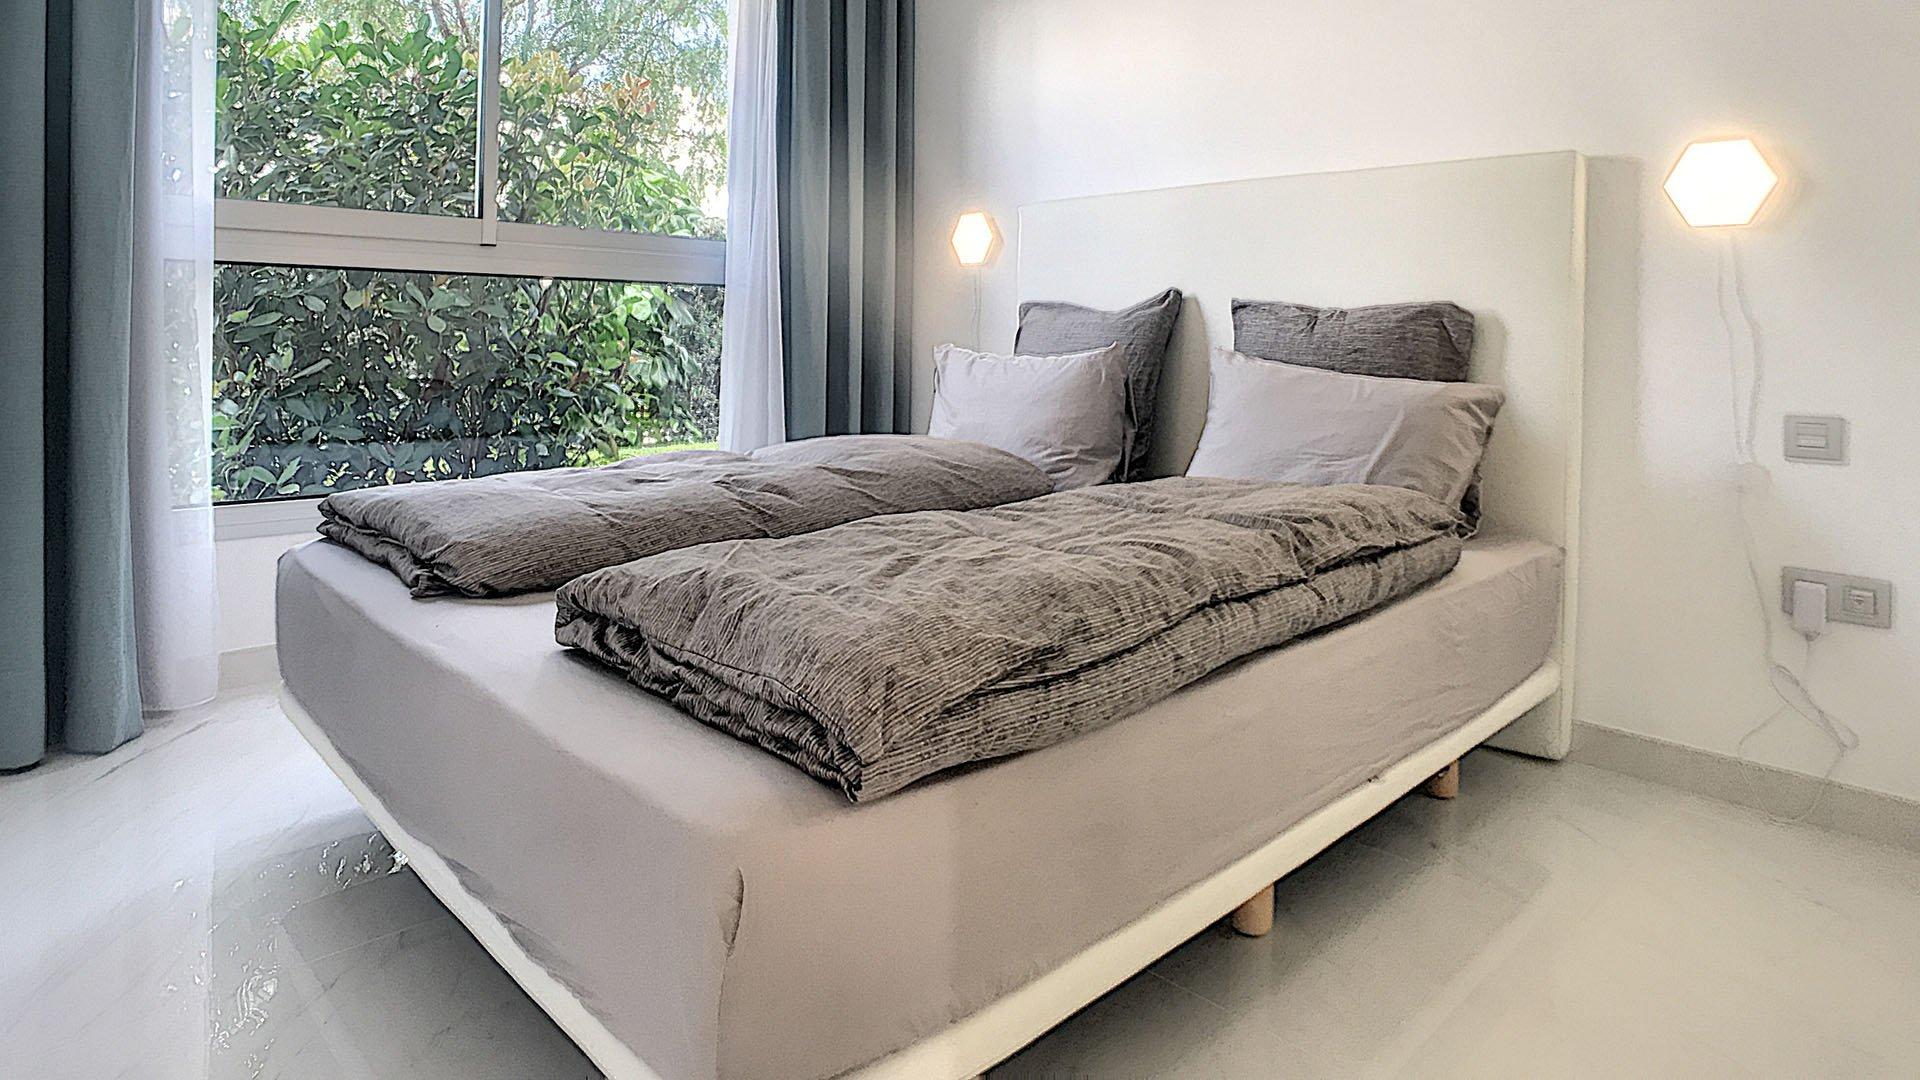 Belaire: Hedendaags appartement met 3 slaapkamers met een superieure ligging